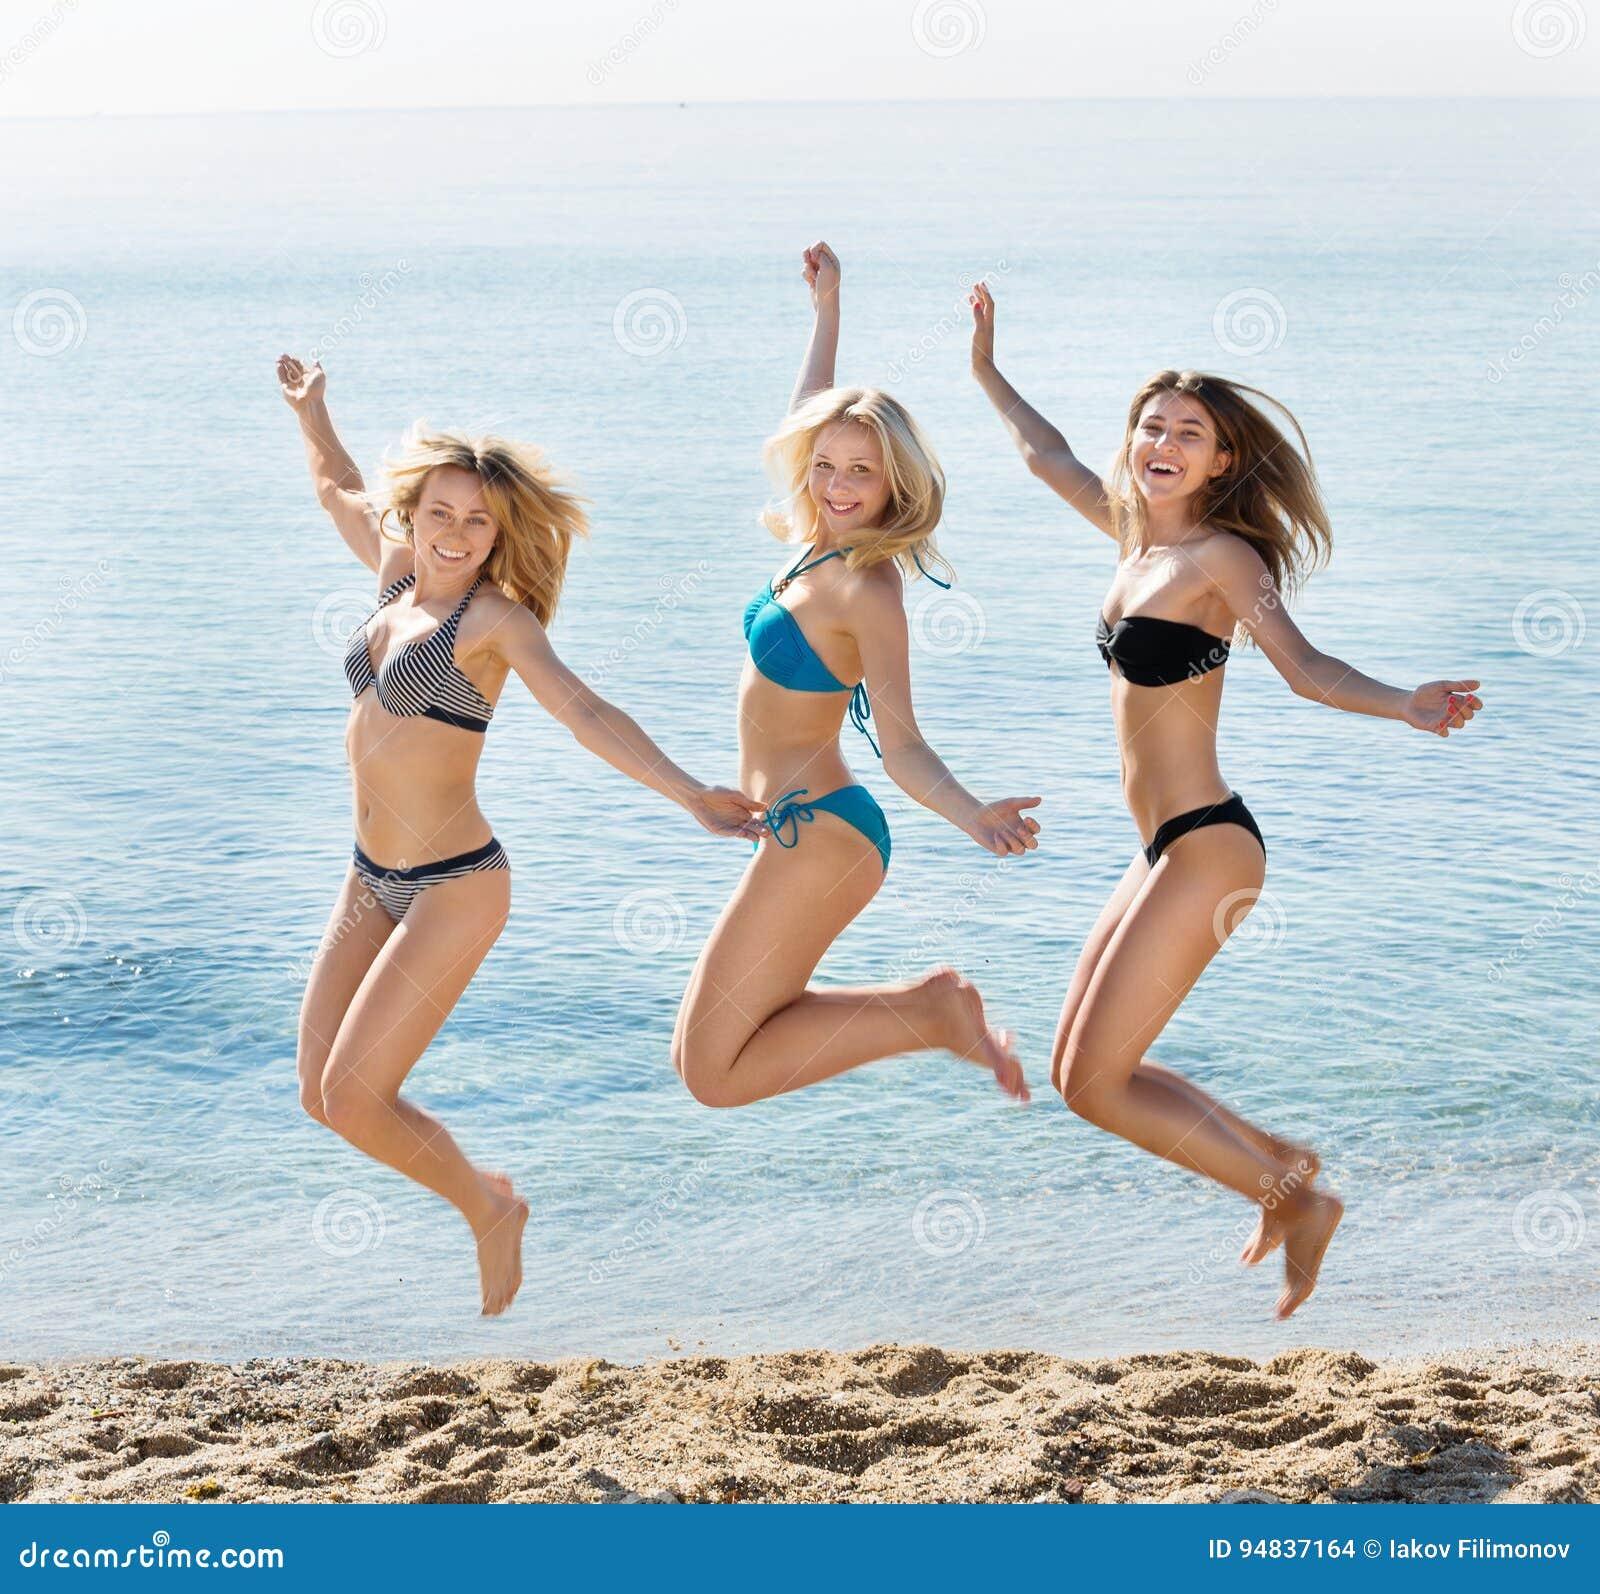 4d2c330d9938 Un ritratto di tre giovani donne allegre in costumi da bagno che saltano  insieme sulla spiaggia Fuoco sulla persona centrale